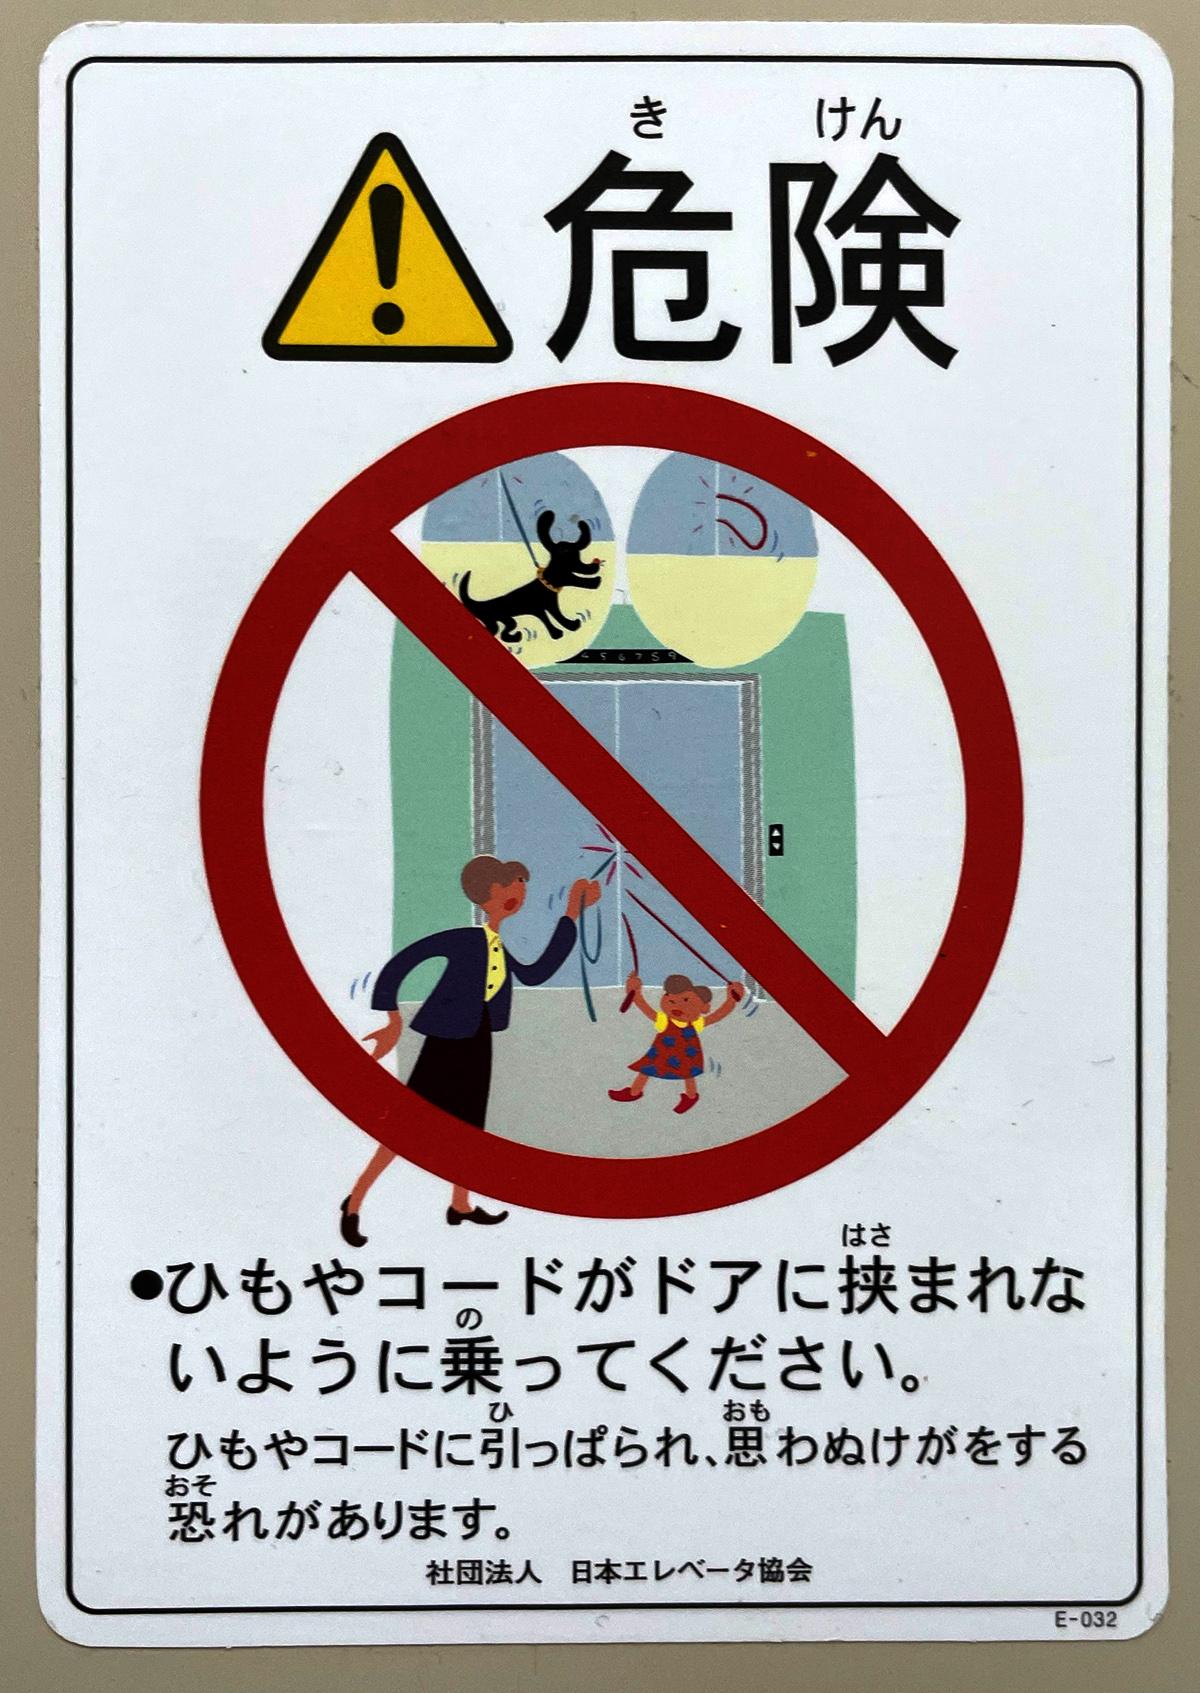 エレベーターの安全標識ラベル